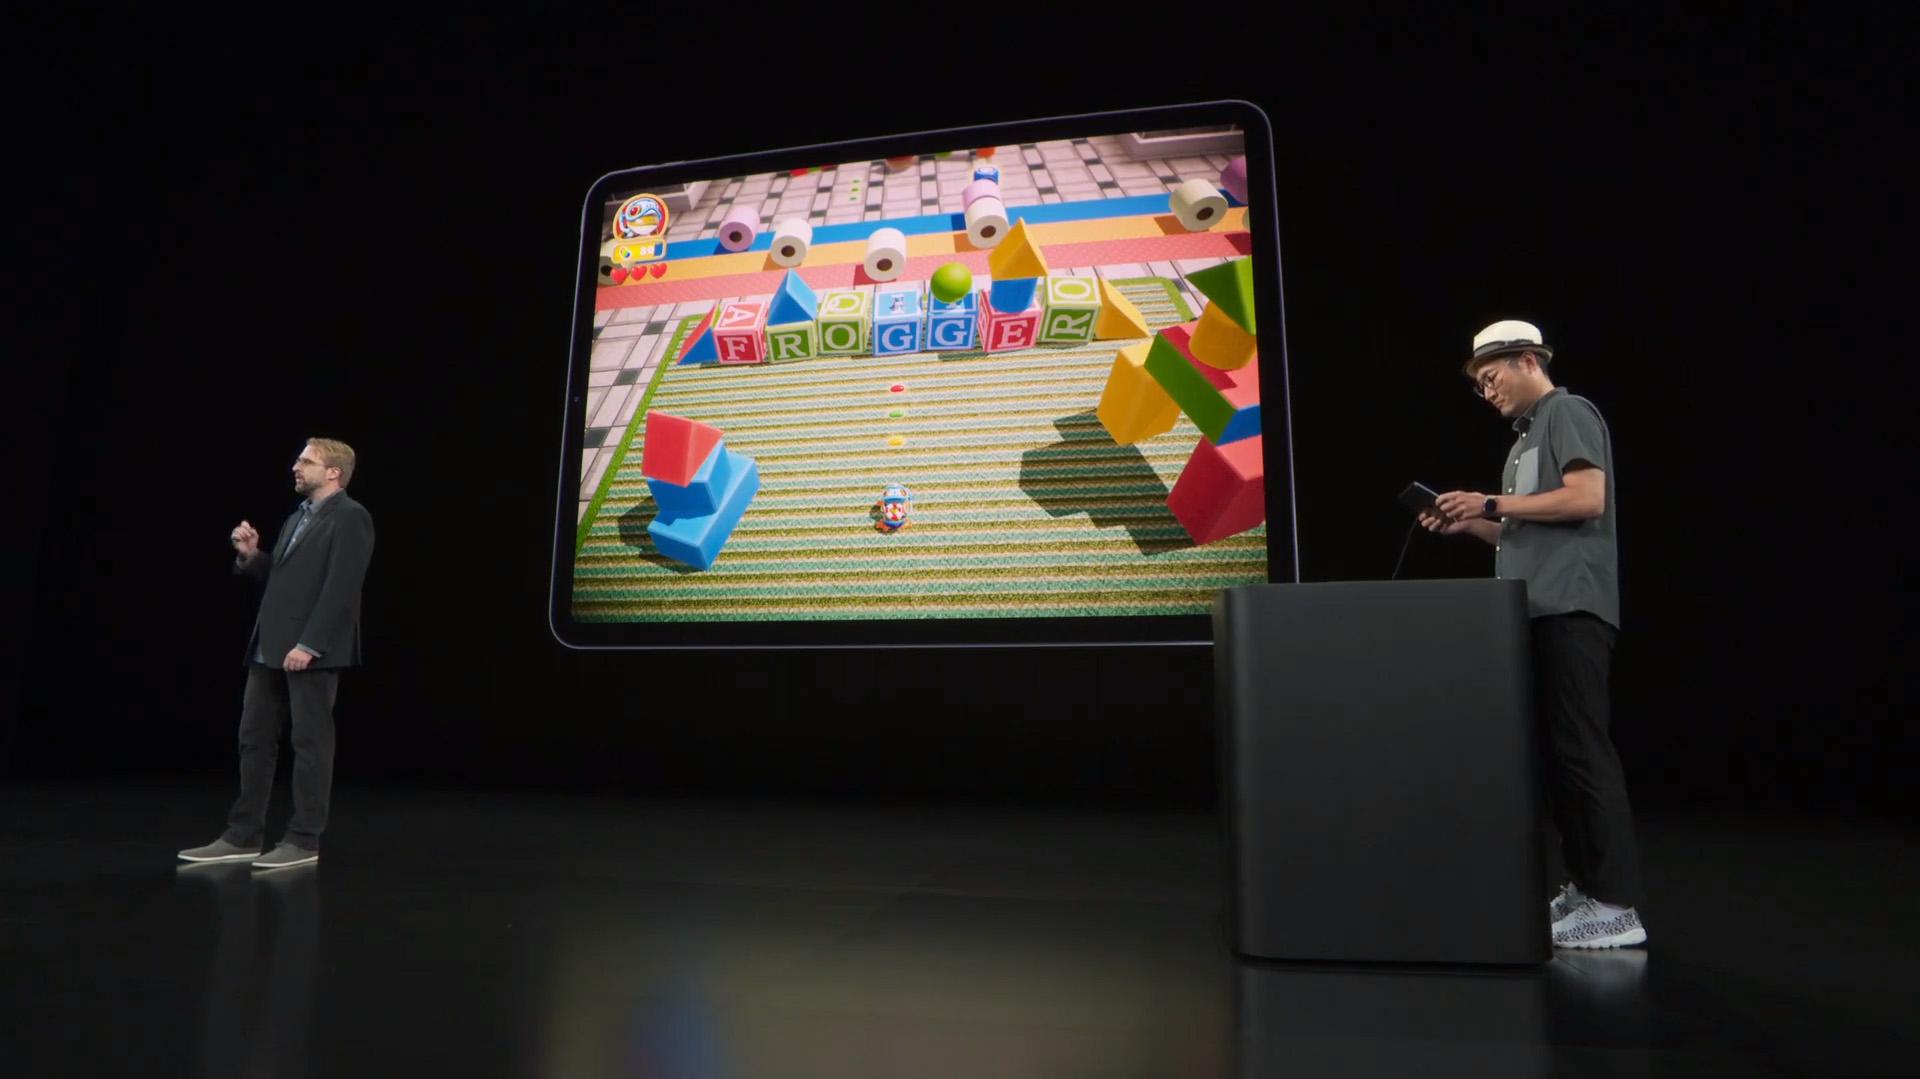 En el escenario se mostraron algunos juegos como Frogger, que fue presentado por Benjamin Kinney de la empresa Konami